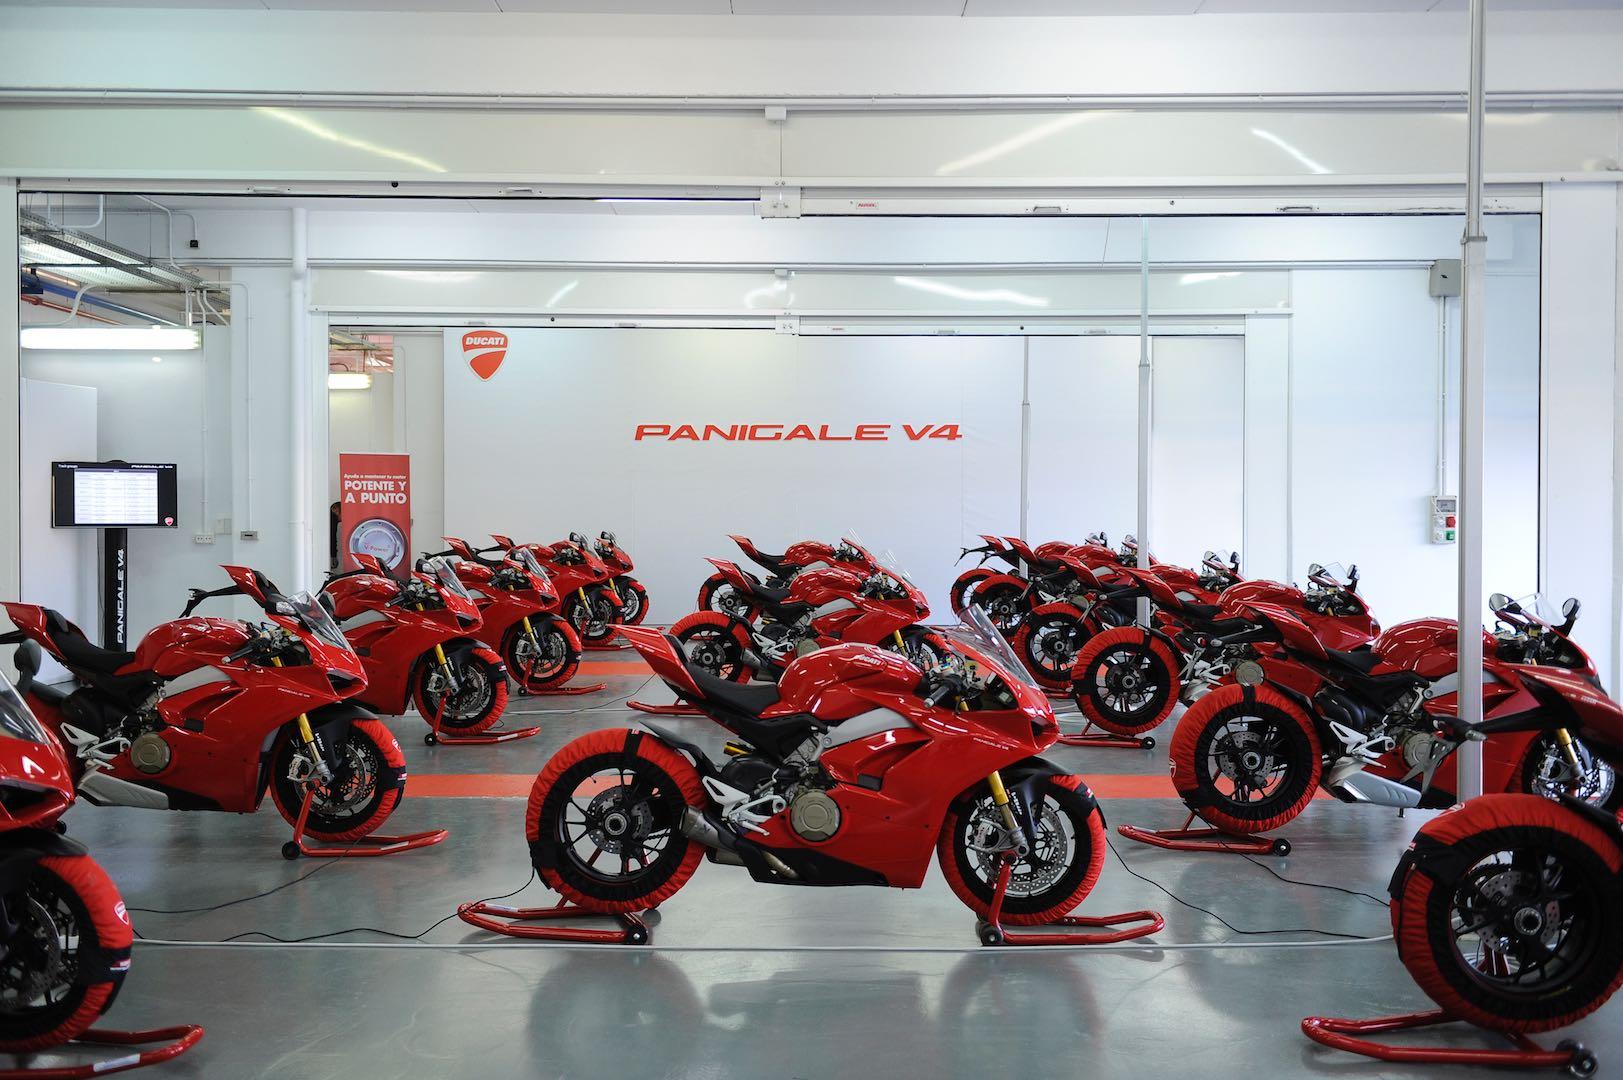 Ducati Panigale V4 Valencia Garage